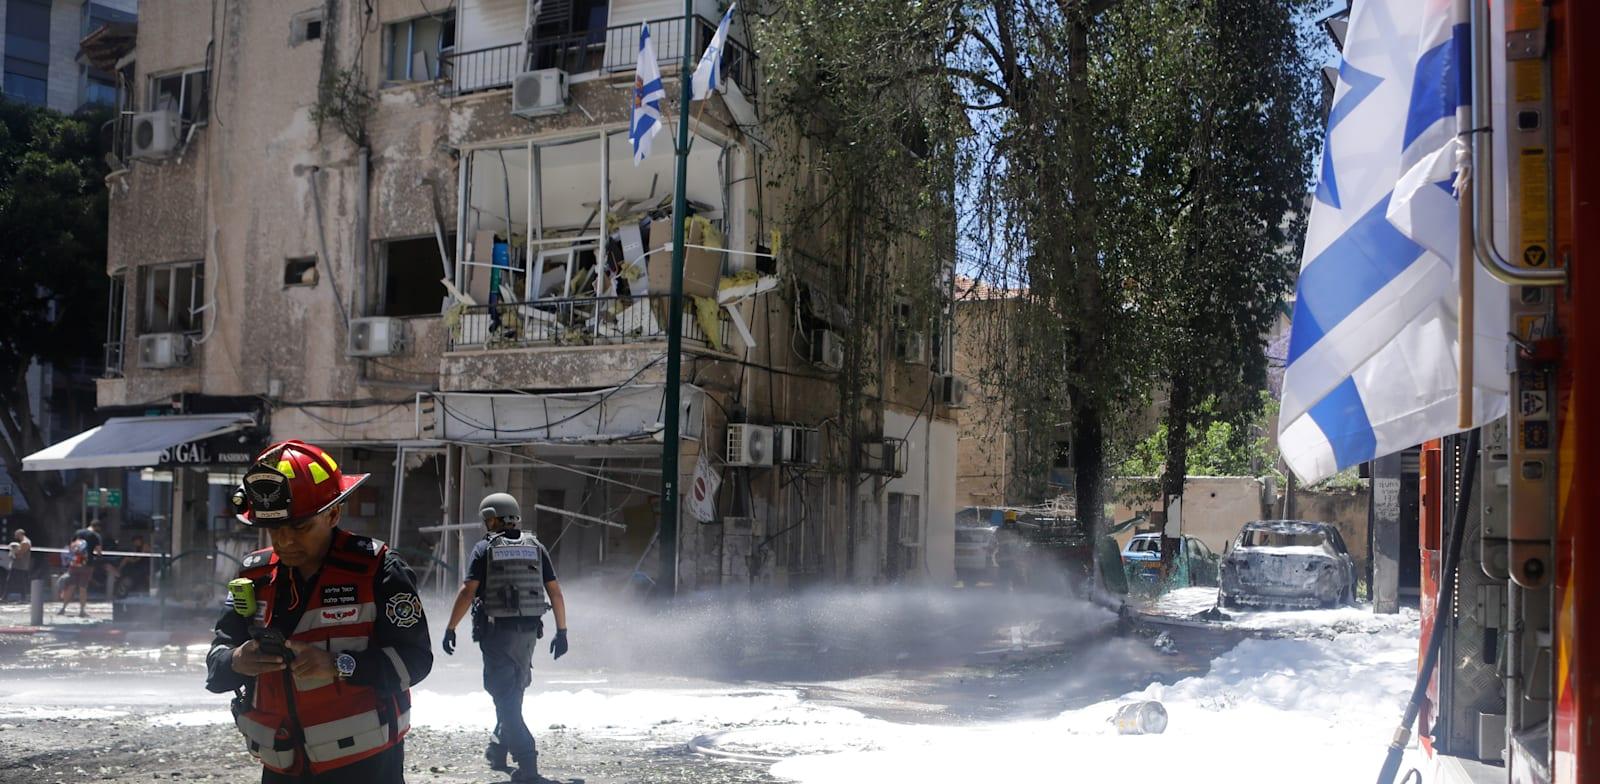 פגיעה של טיל מעזה ברמת גן במהלך מבצע שומר החומות / צילום: Reuters, NIR ELIAS